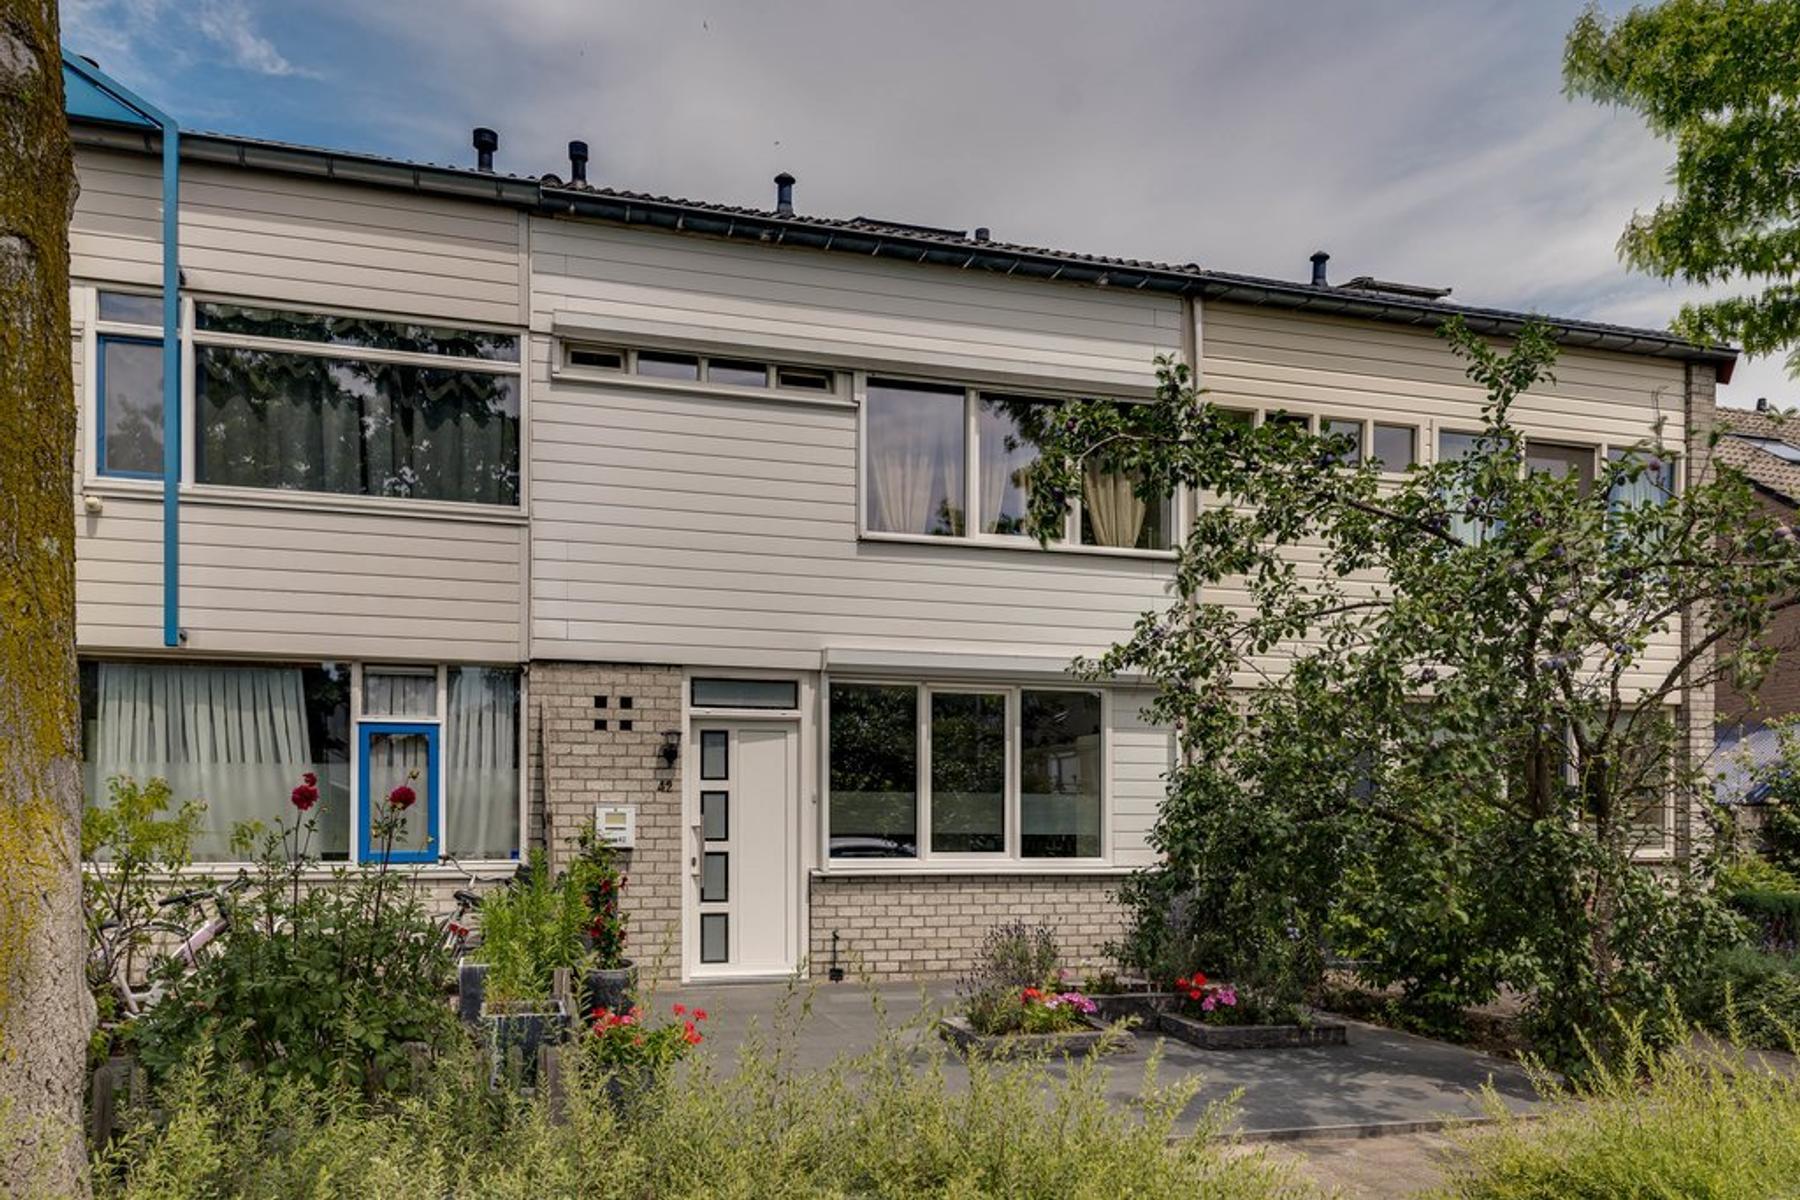 Keverberg 42 in Weert 6002 XK